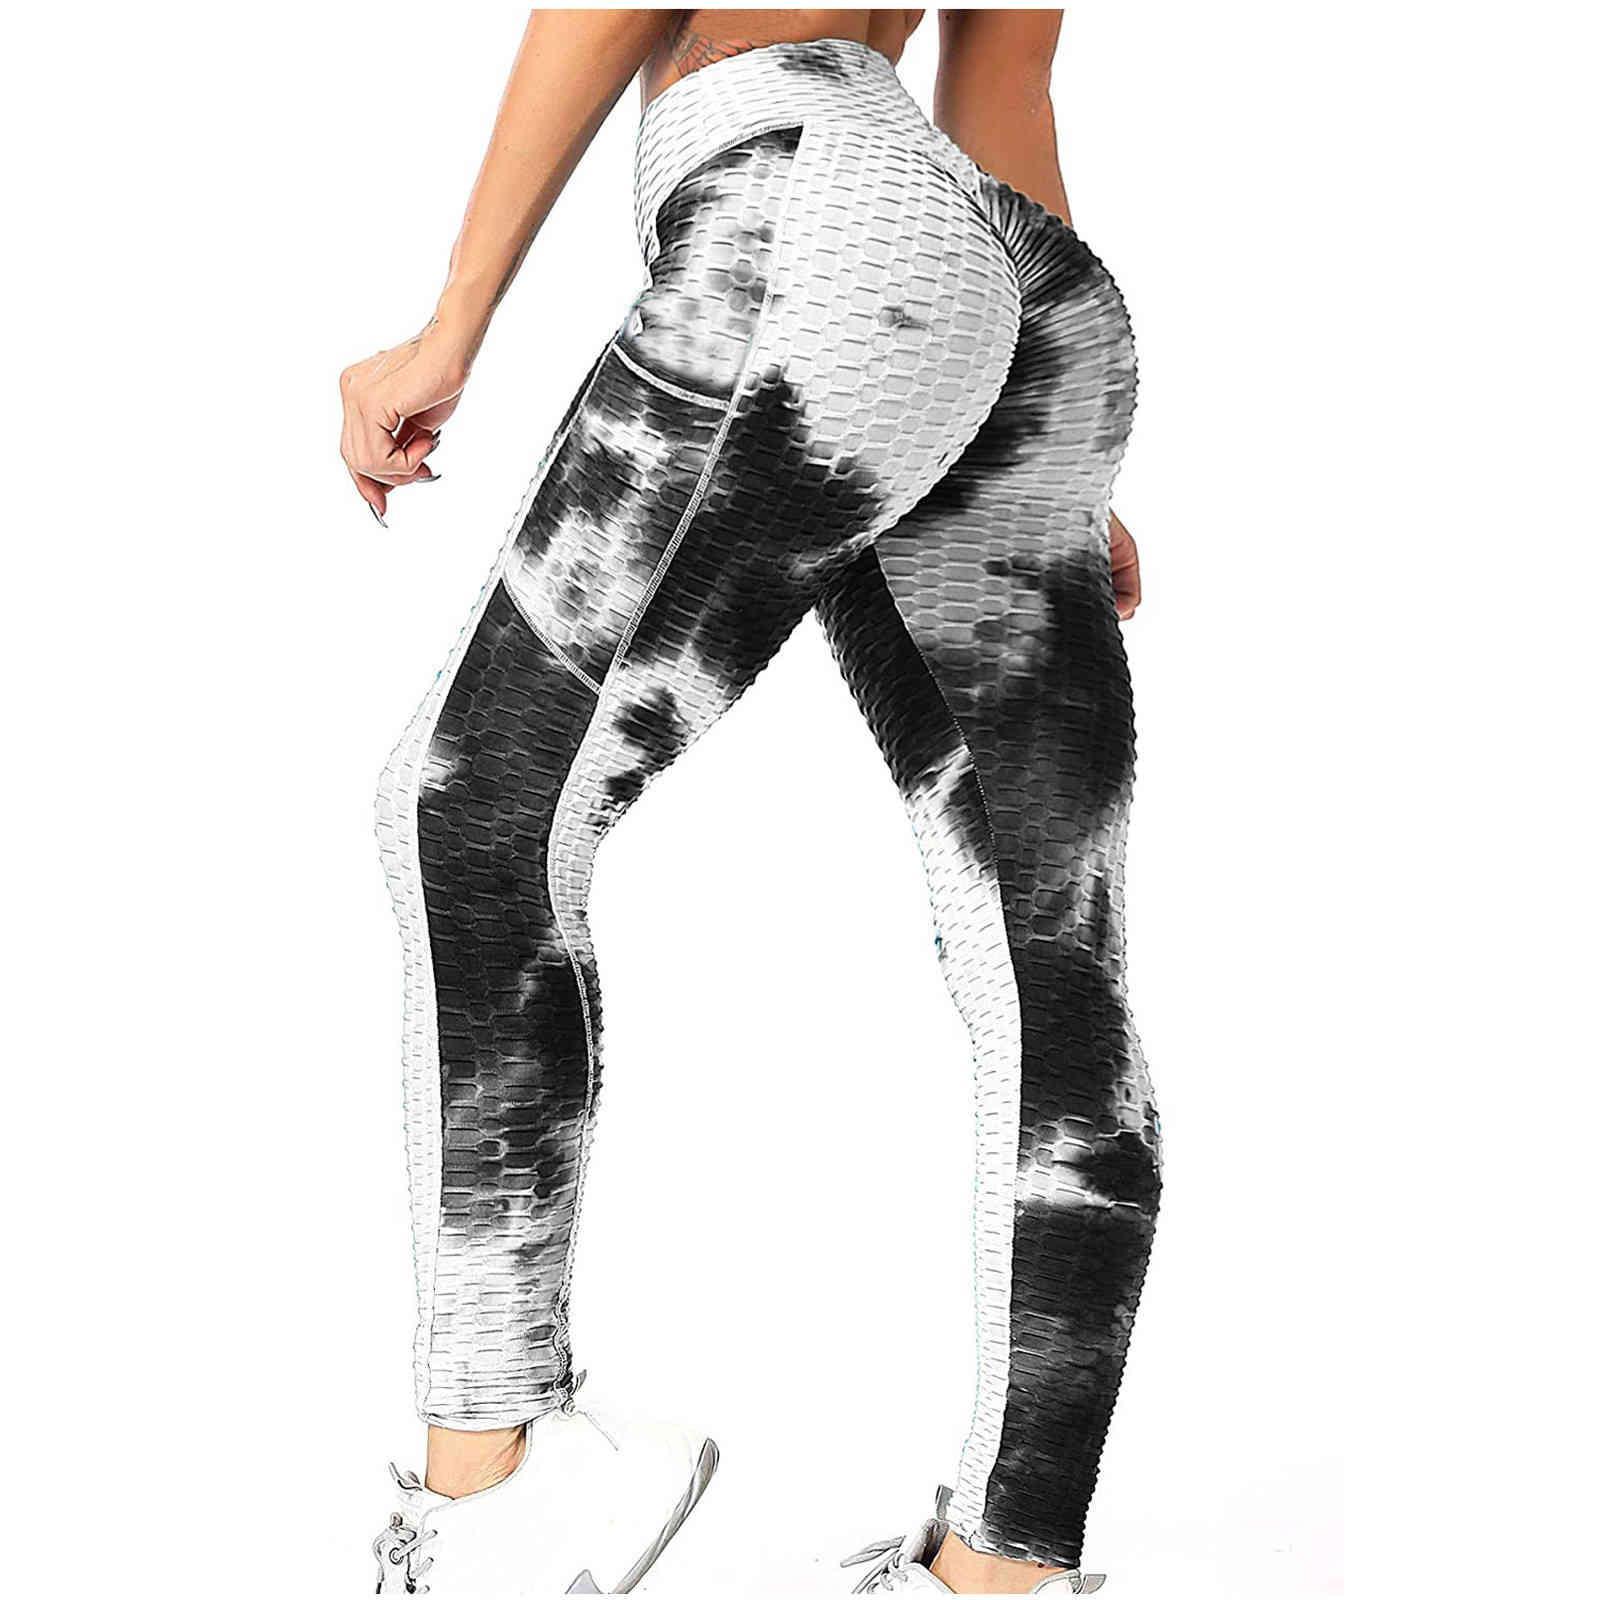 Pocket de colorant de femme de la taille haute taille sans soudure de jambe de sport de sport gym de sport gymnastique courante pantalon d'athlétisme yoga